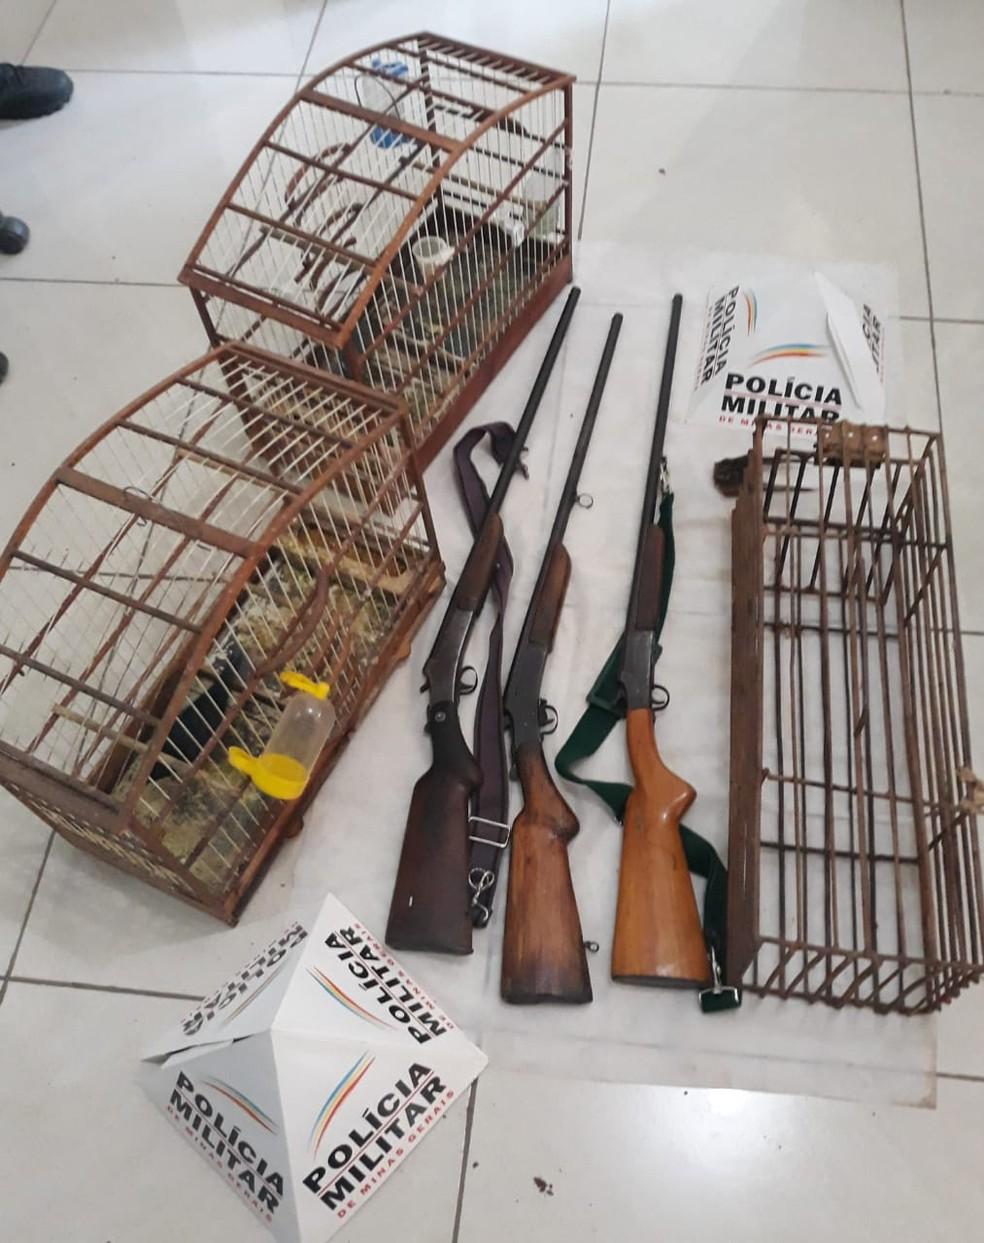 Armas foram apreendidas e levadas para a delegacia — Foto: Polícia Militar/Divulgação